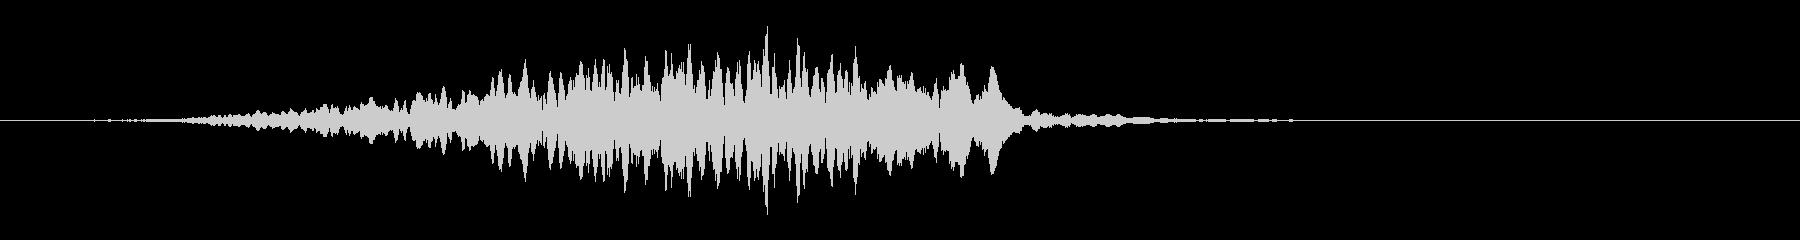 高速パルスビルドアップバズトーンの未再生の波形